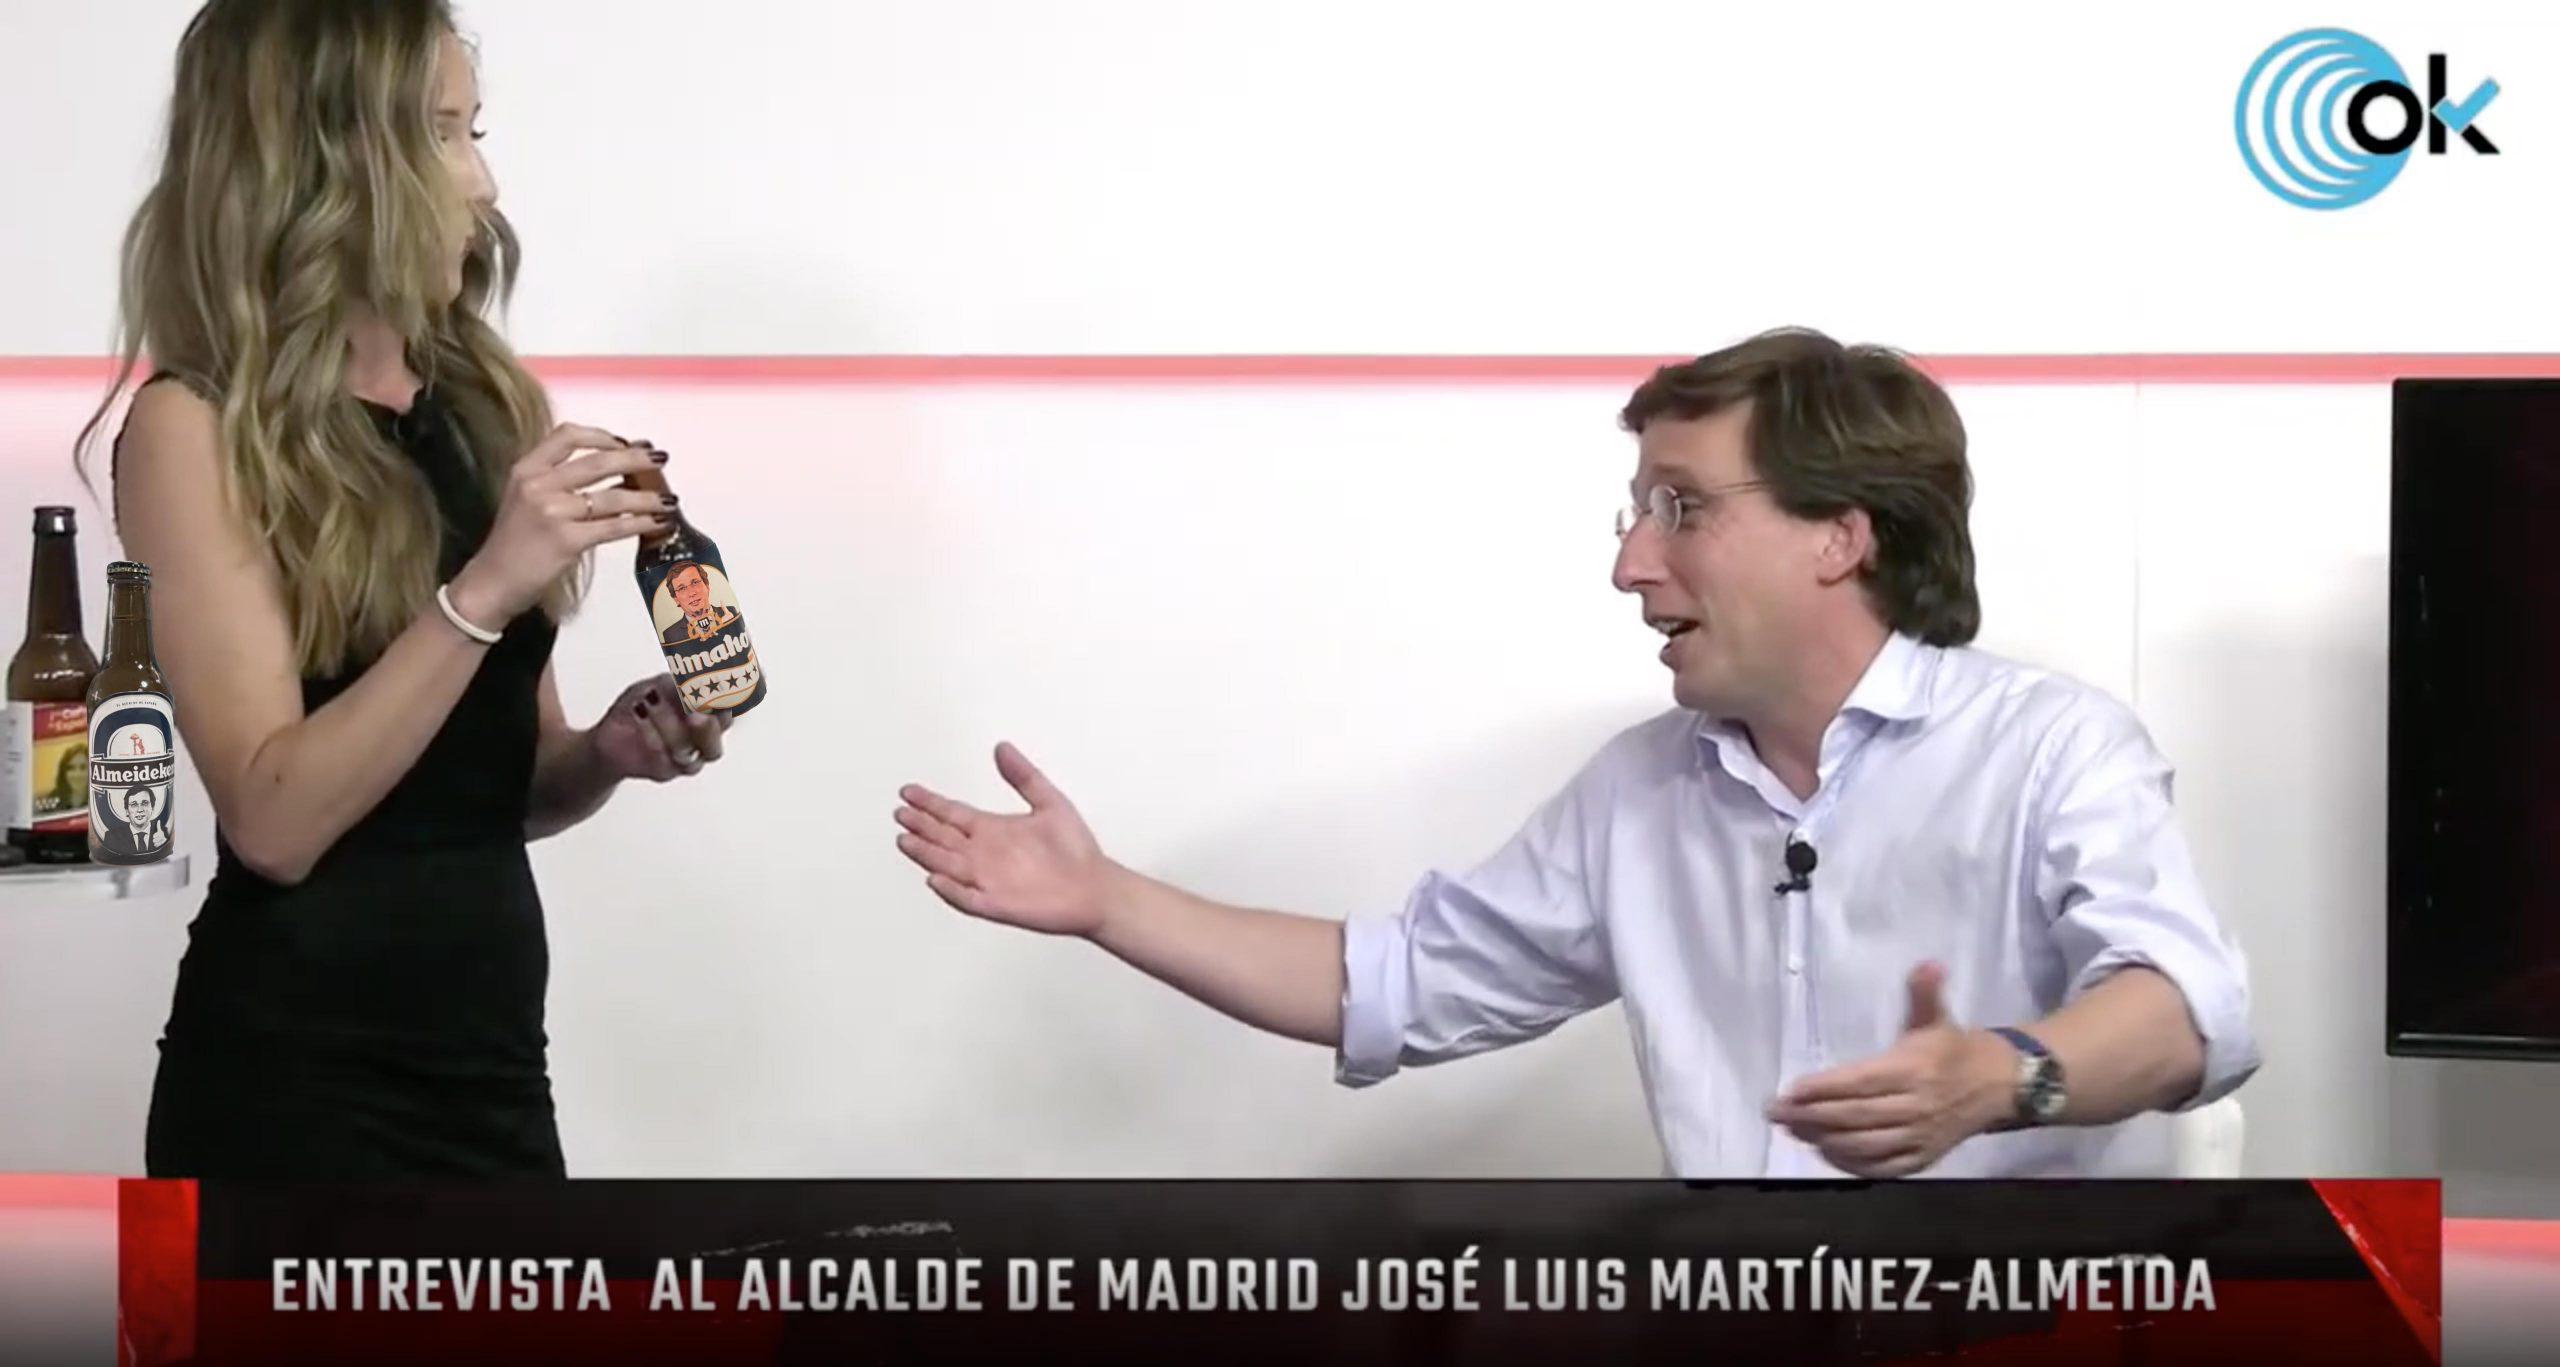 José Luis Martínez- Alemida en La Antorcha de OKDIAIRO